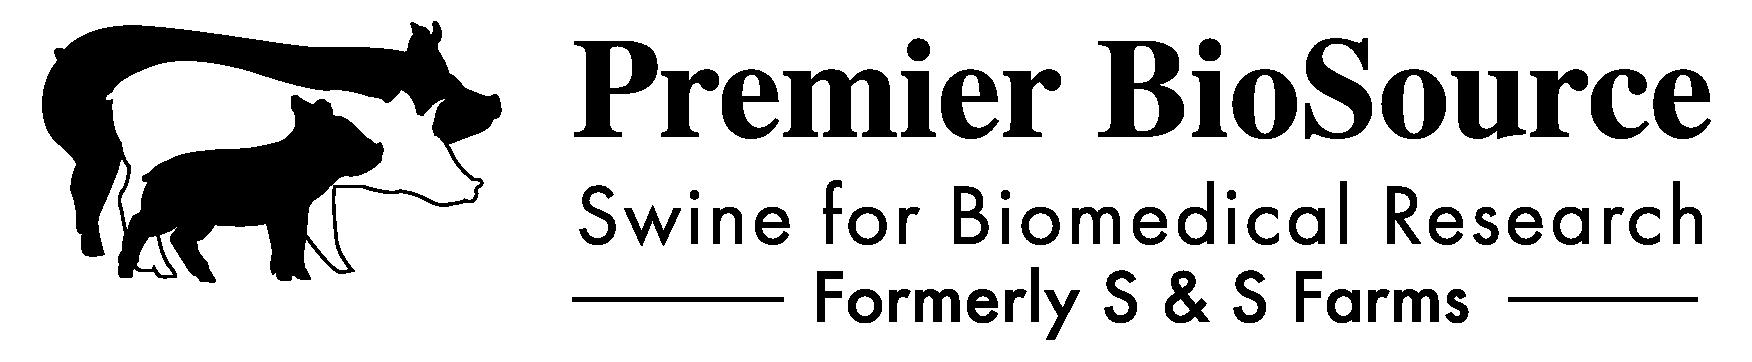 Premier BioSource